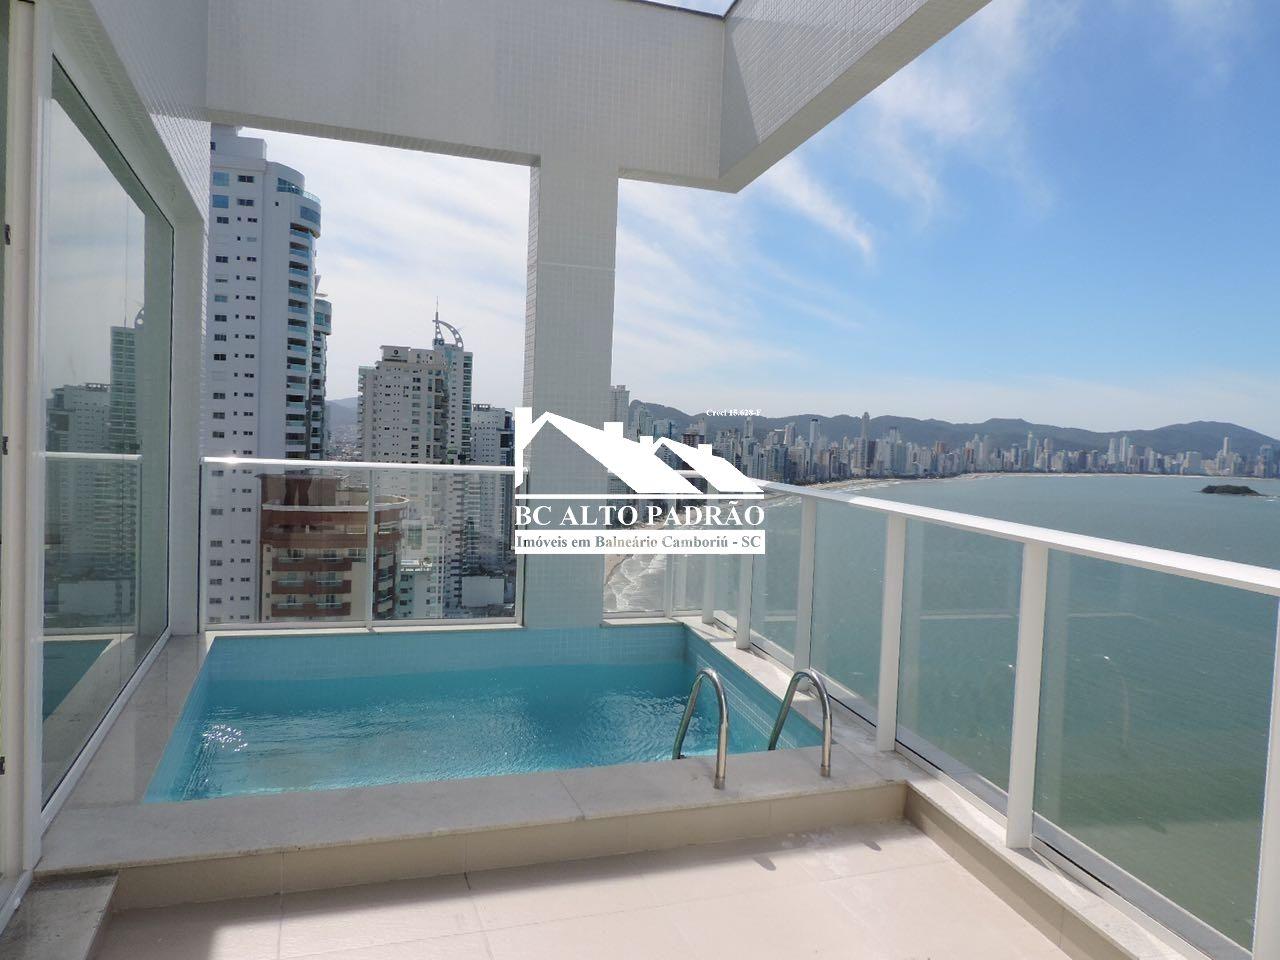 Cobertura à venda  no Centro - Balneário Camboriú, SC. Imóveis